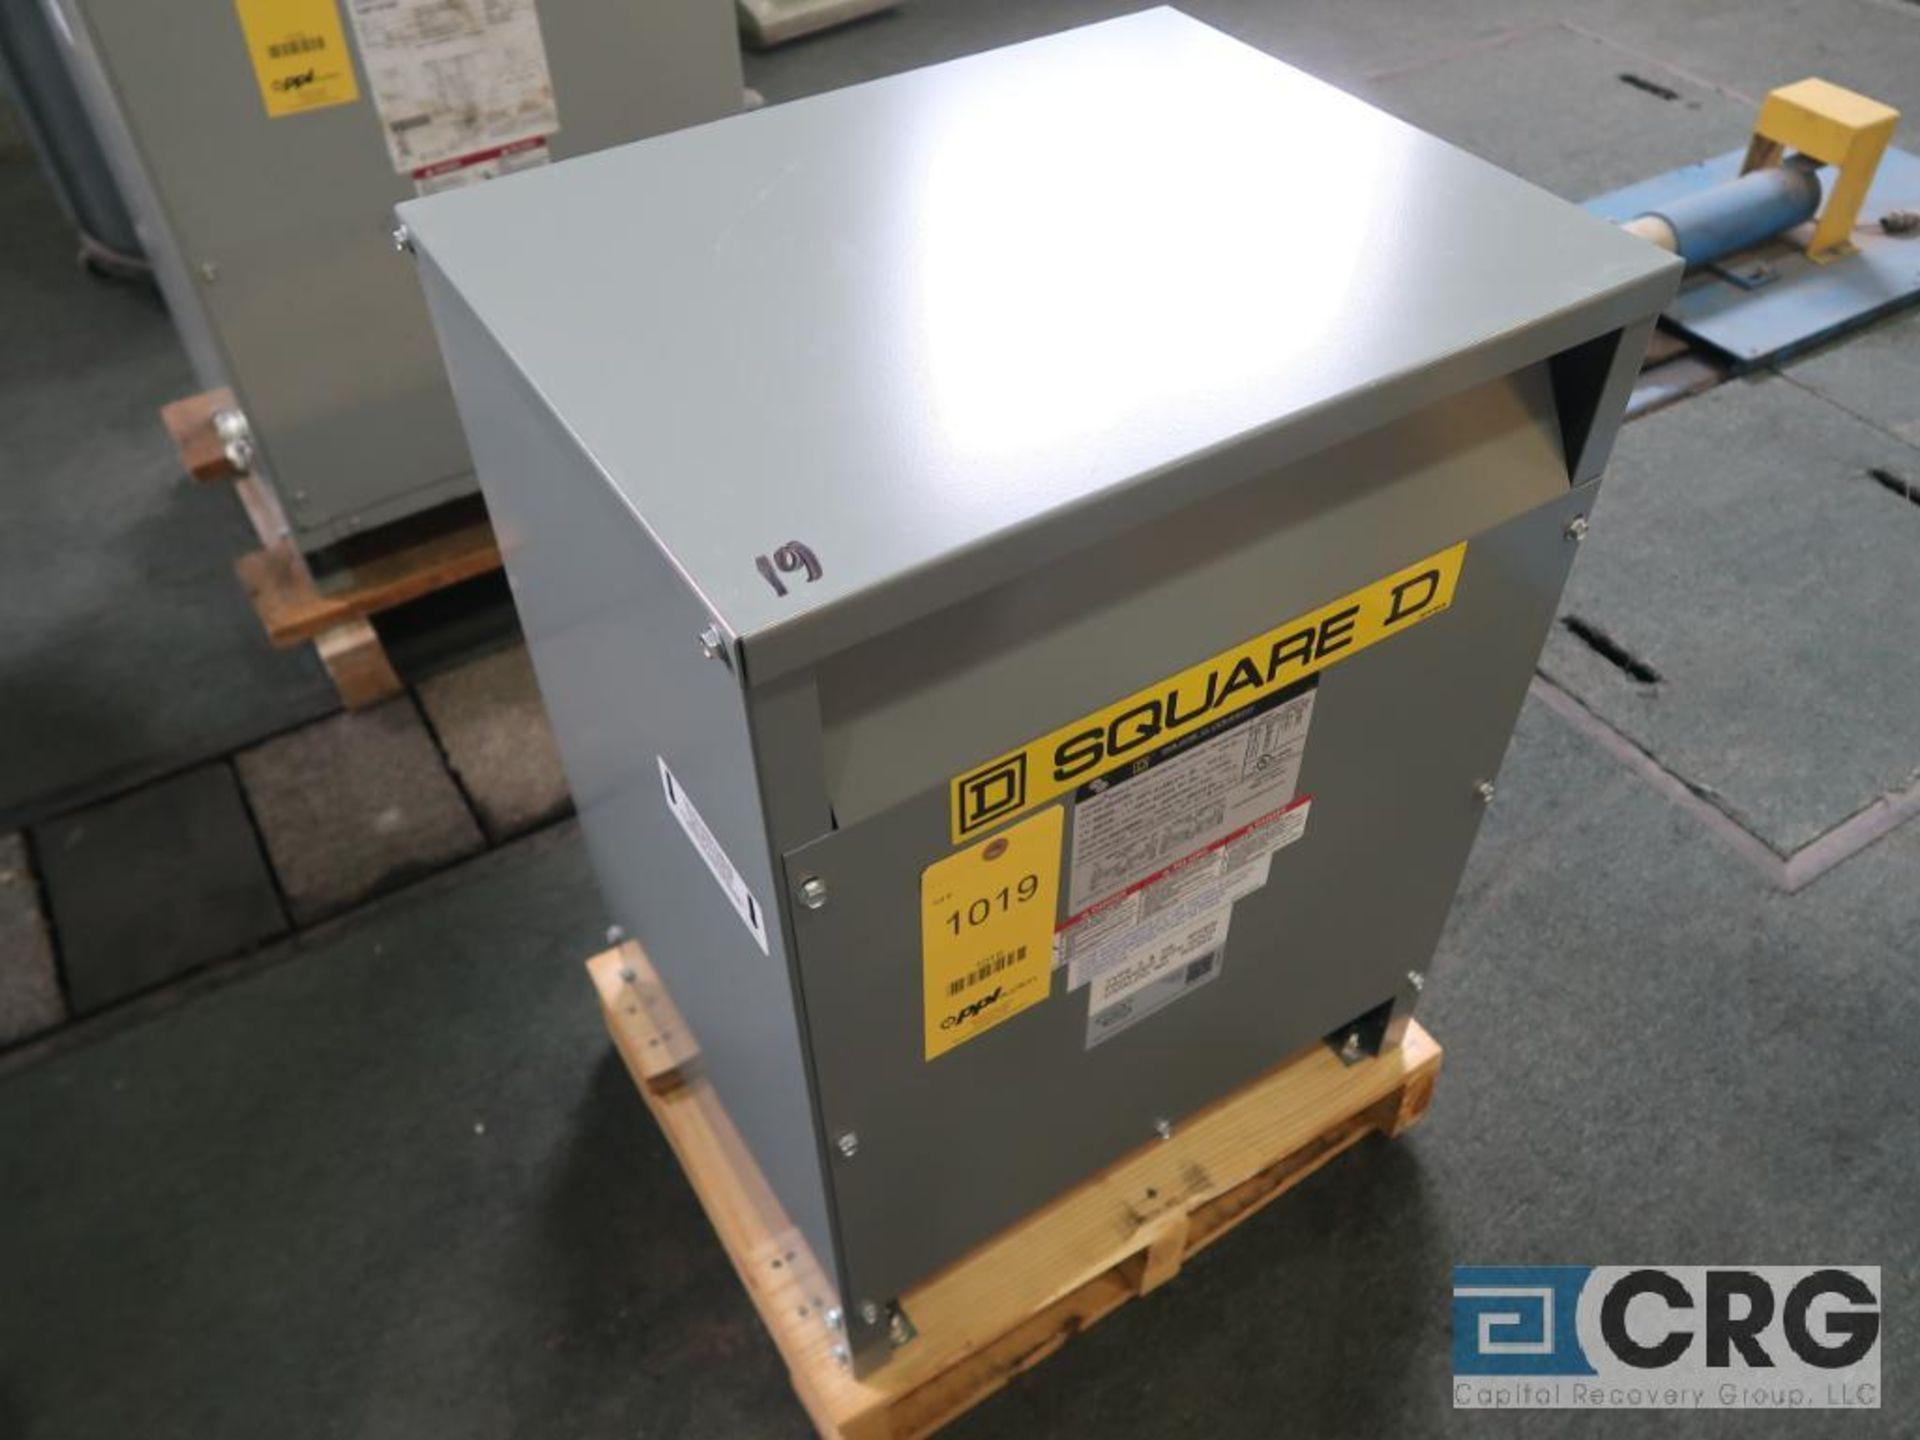 Square D single phase transformer, 15 KVA, 240/480 volt, s/n 18103 (Finish Building)